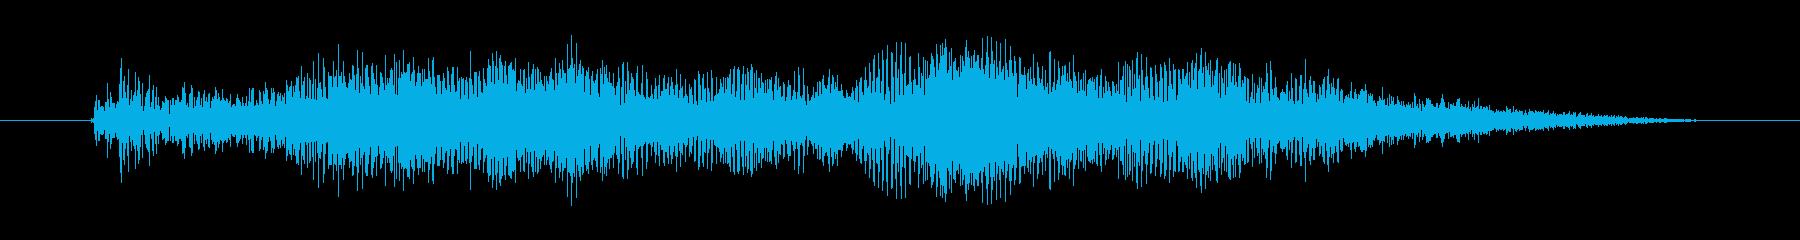 「おはようございます」の再生済みの波形